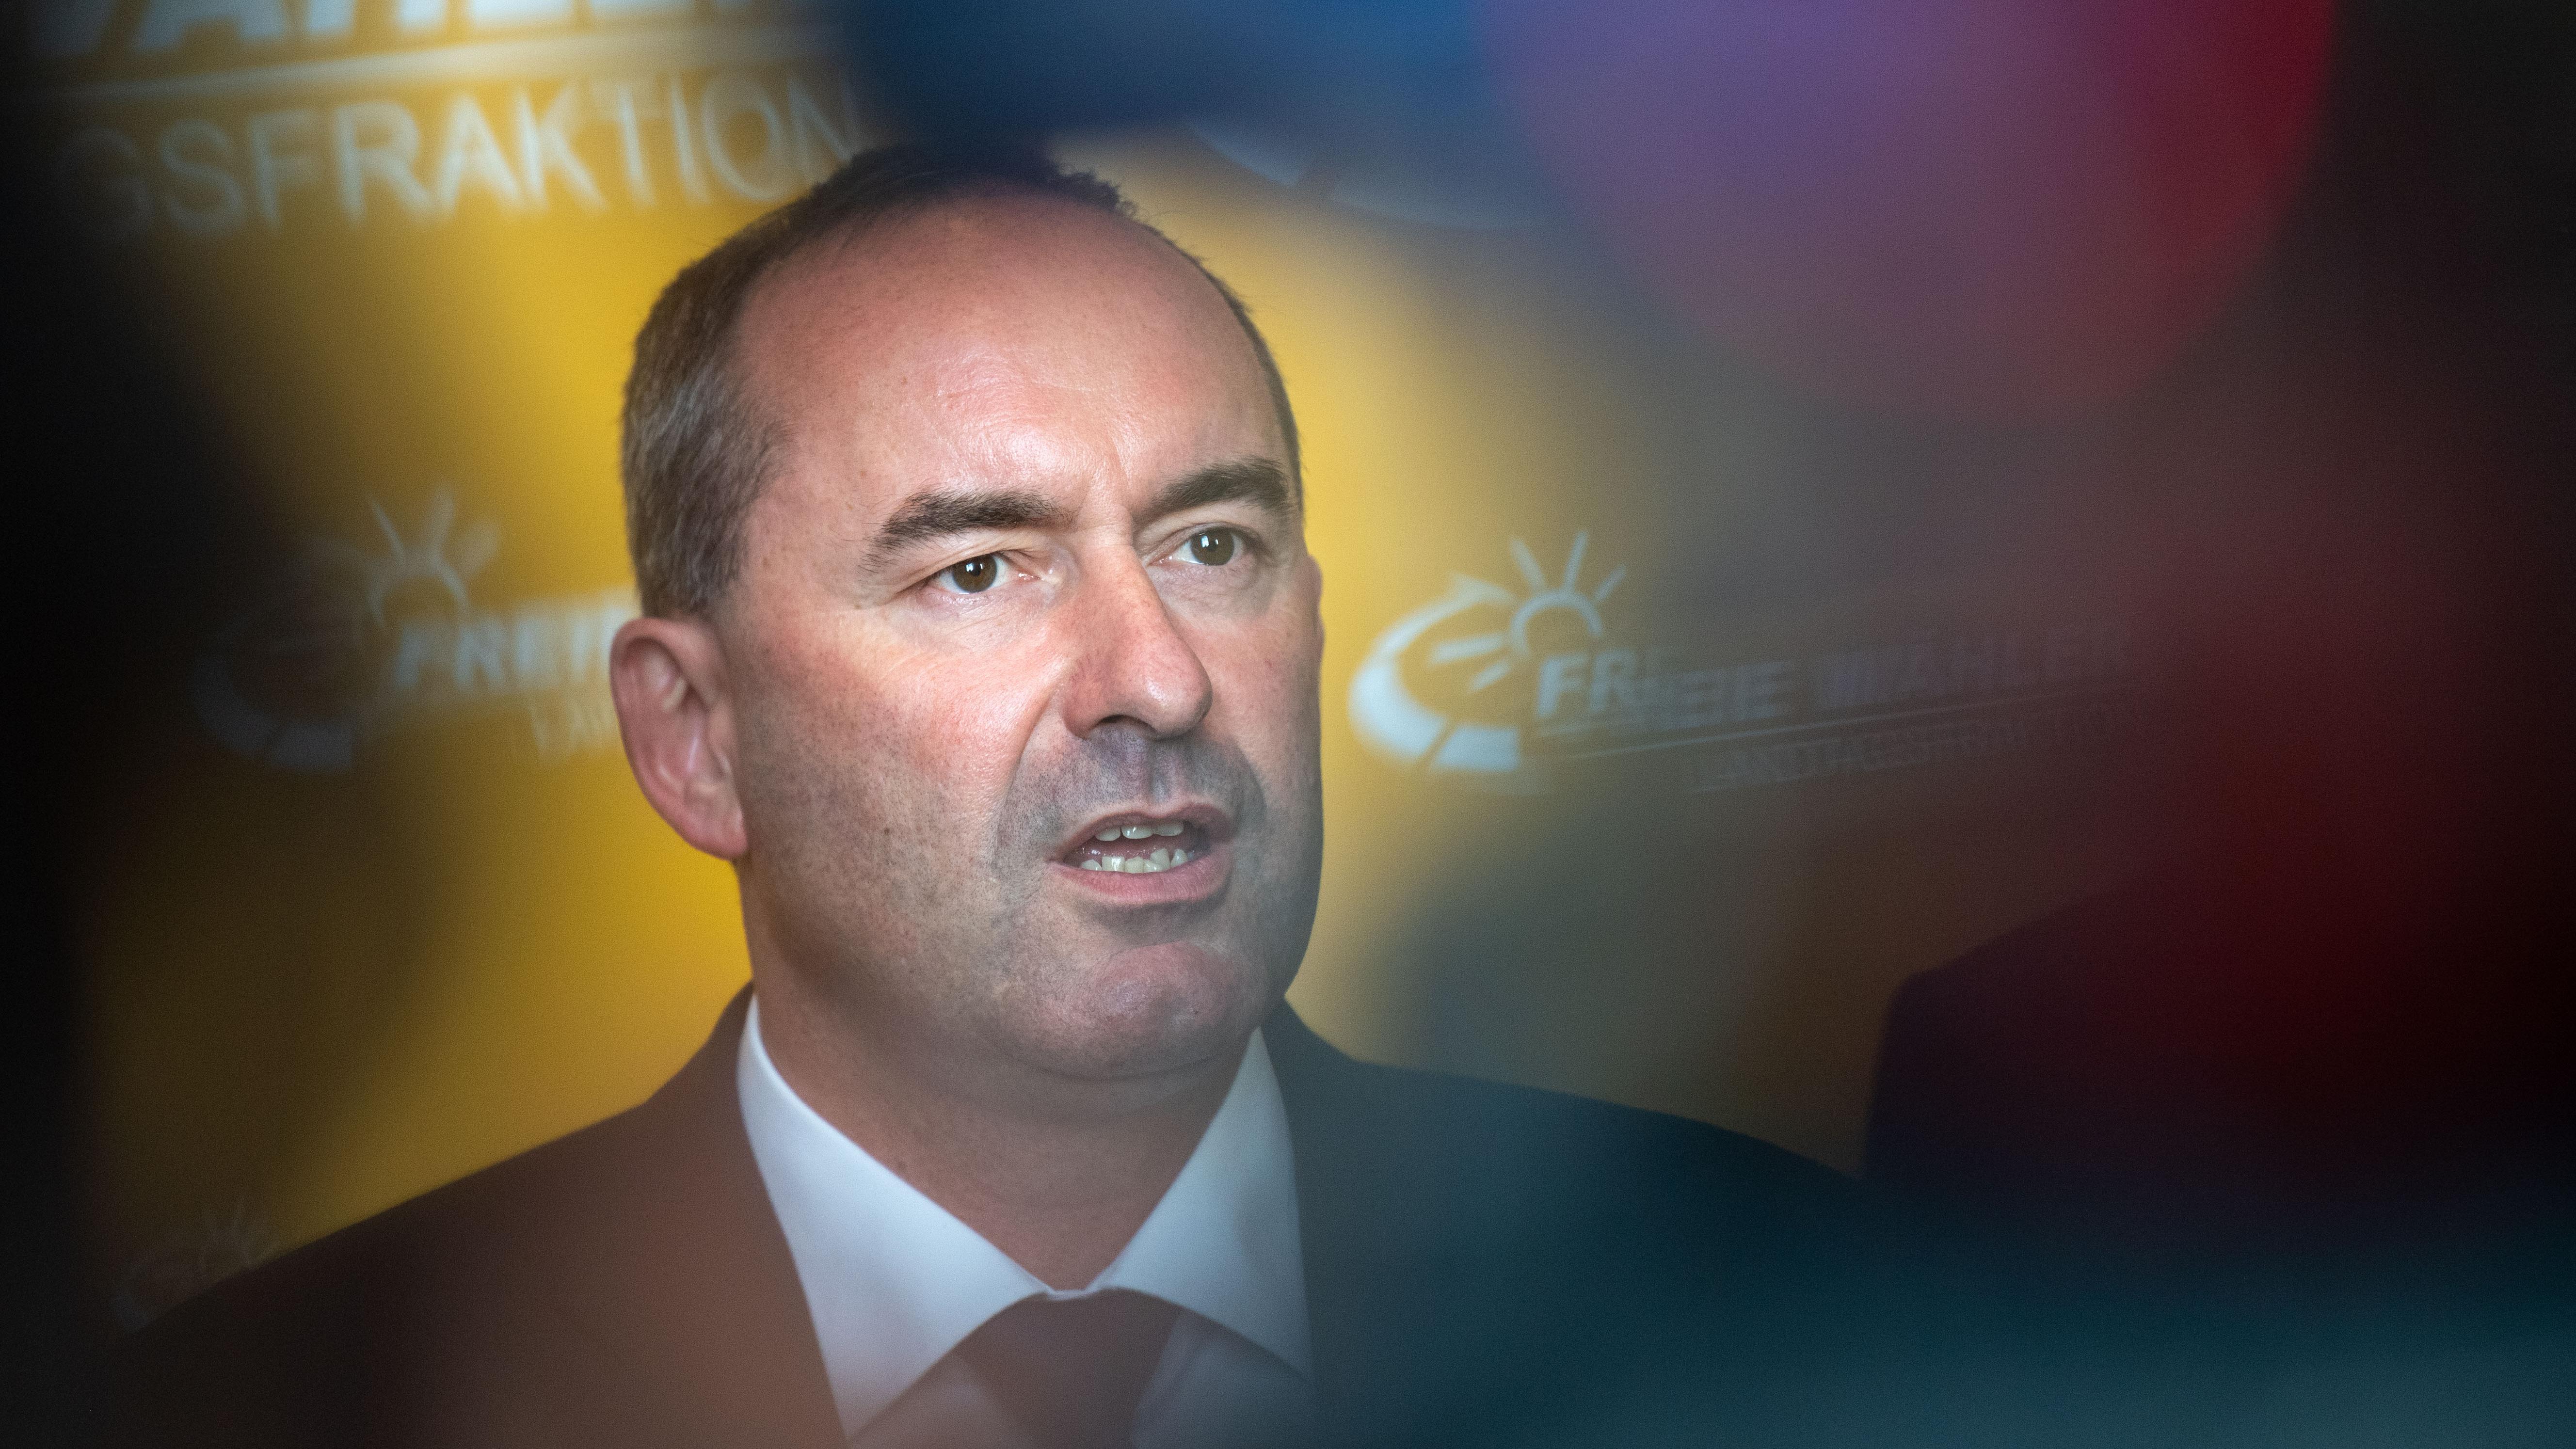 Freie-Wähler-Chef Aiwanger wertet die Einigung mit der CSU als Erfolg für seine Partei